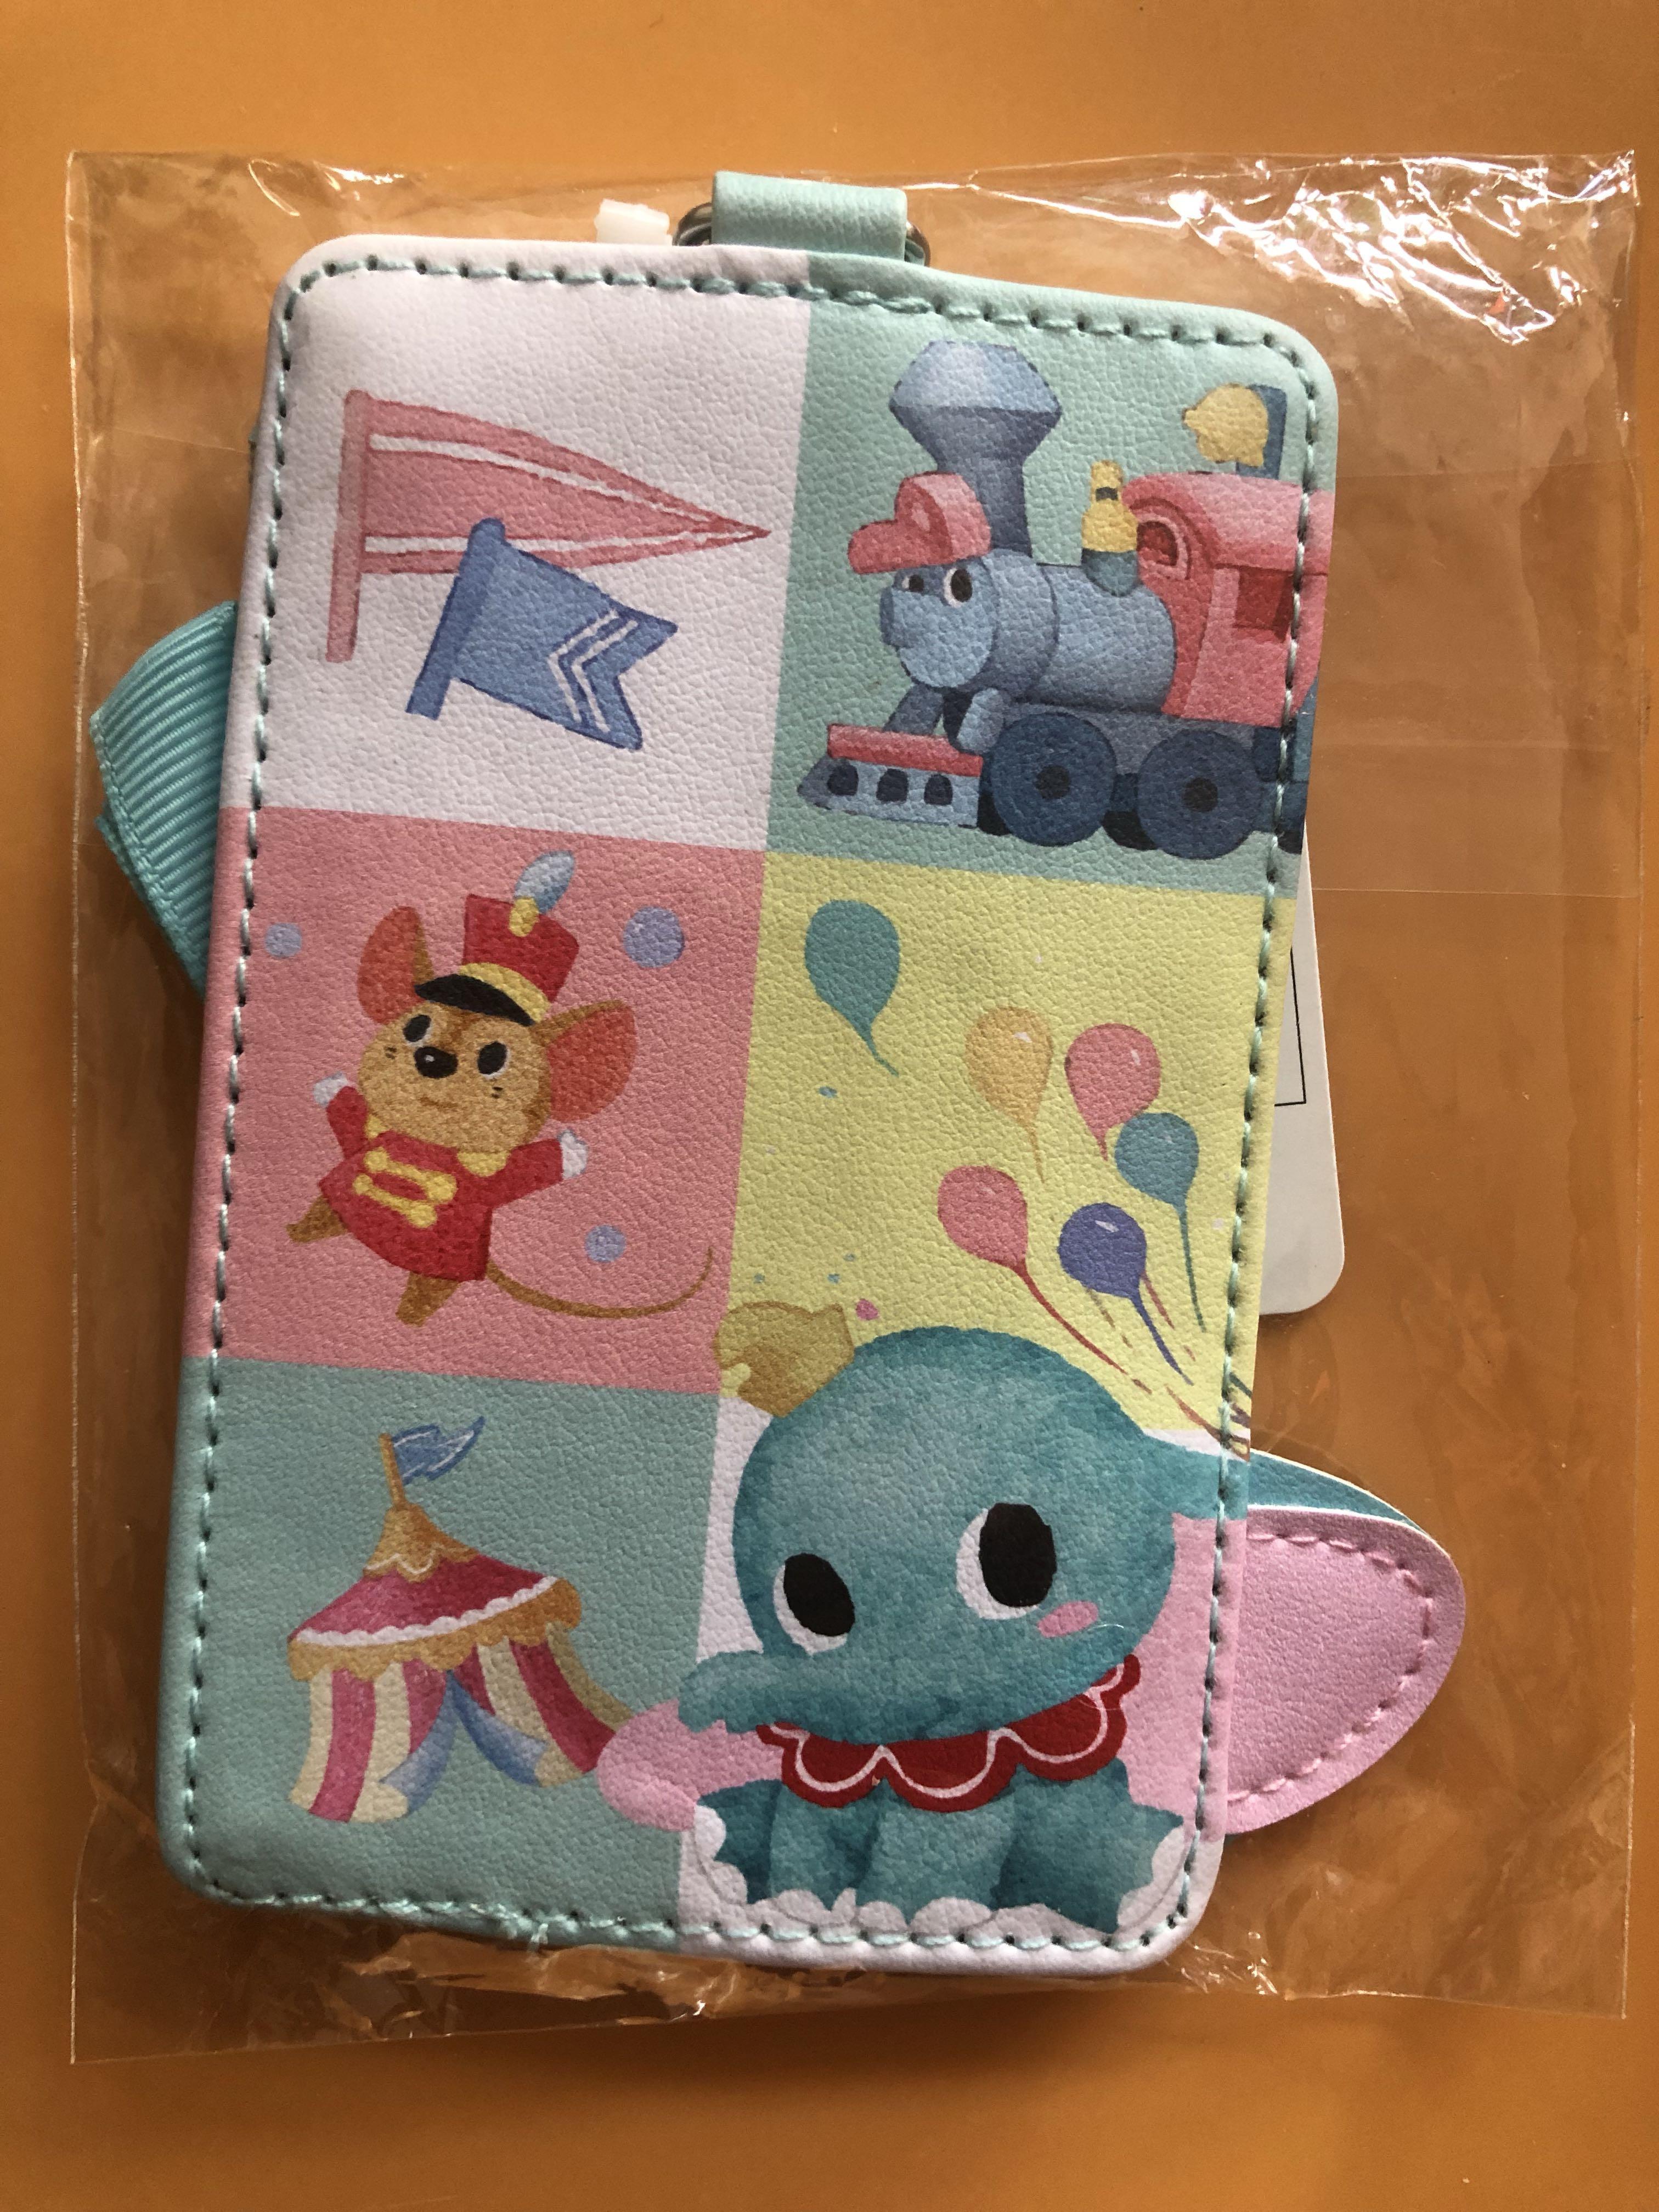 全新 迪士尼小飛象八達通卡套 Disney Dumbo Card Holder